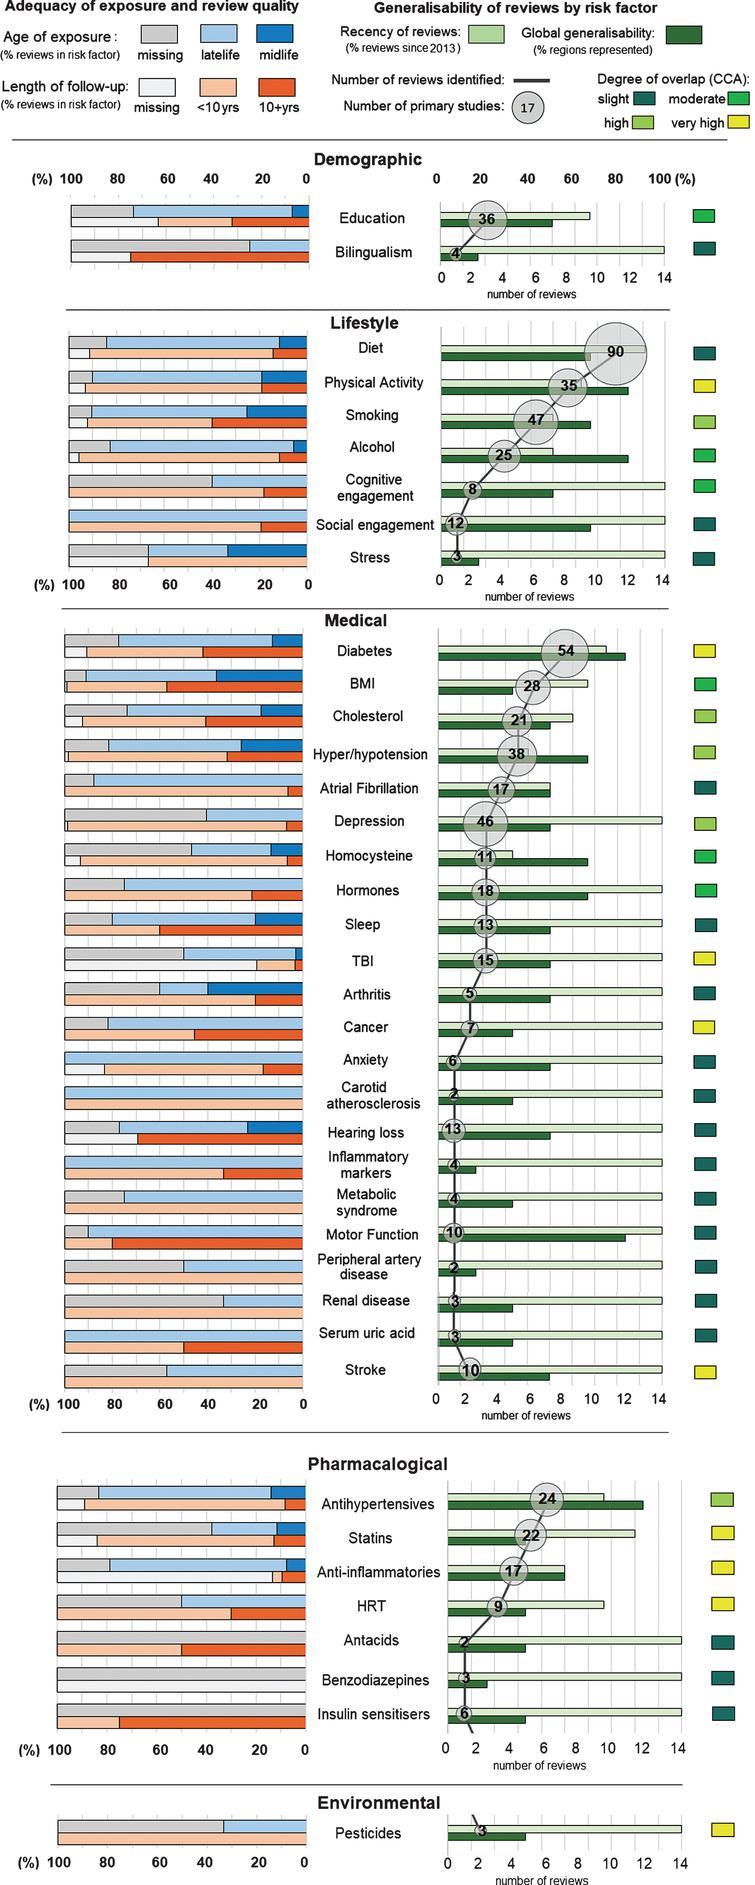 Body of evidence metrics for all risk factors.